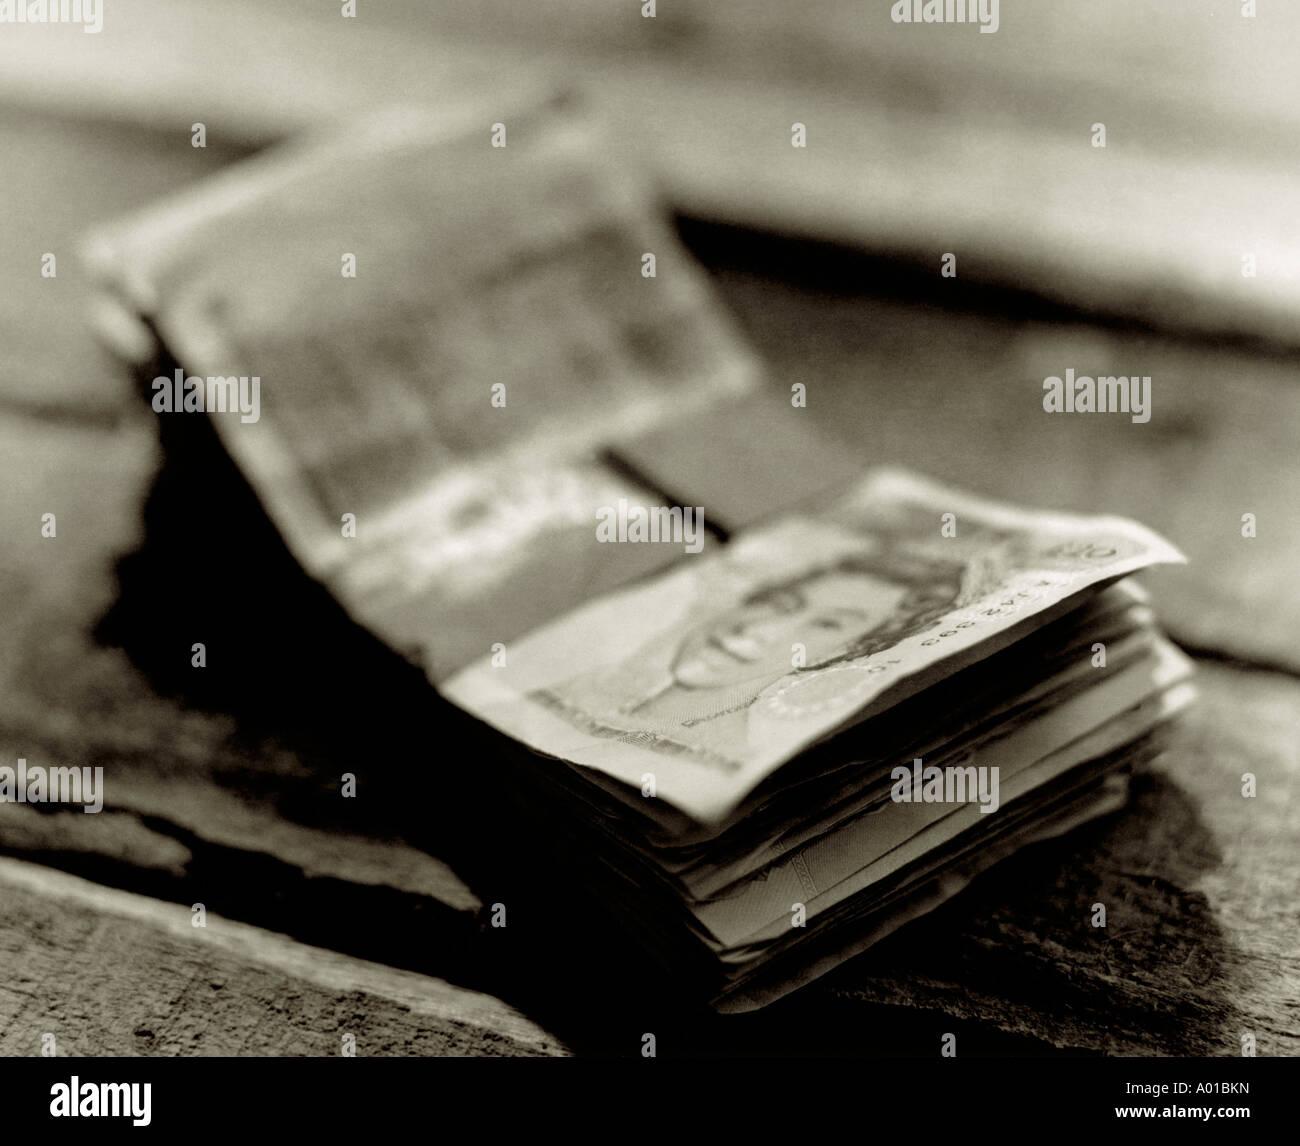 Twenty Pound Notes - Stock Image